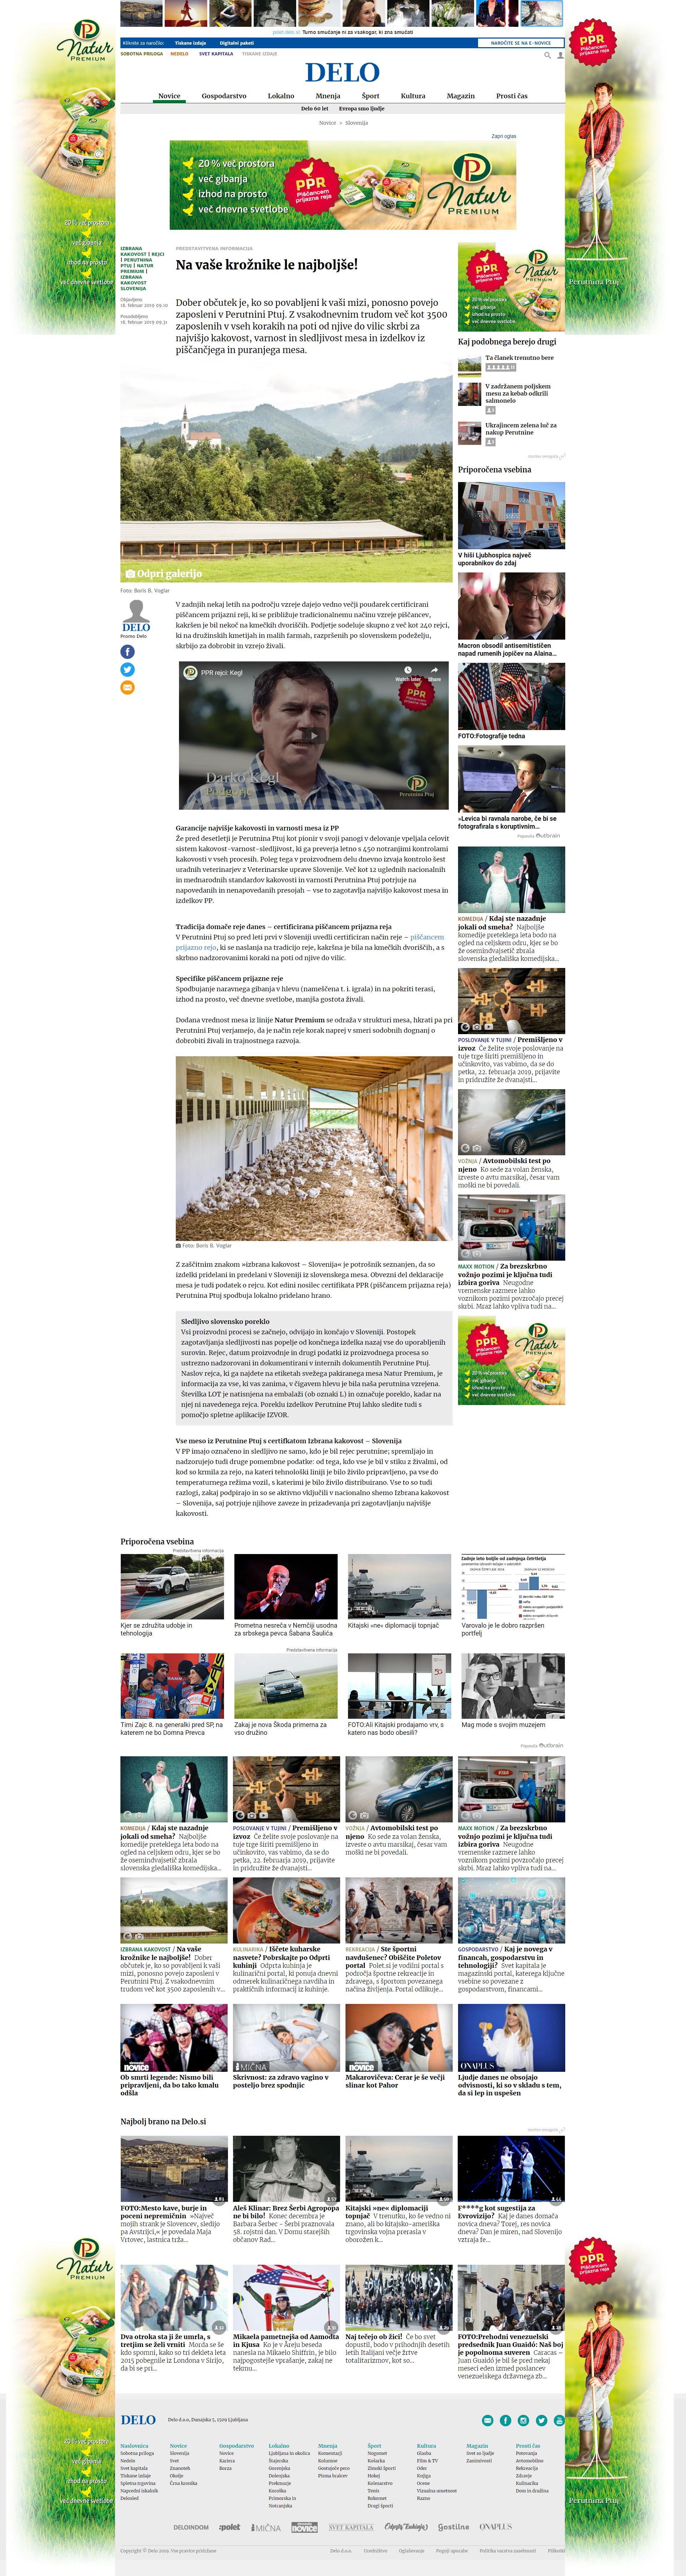 Programaticno_oglasevanje_PP_delo-si-novice